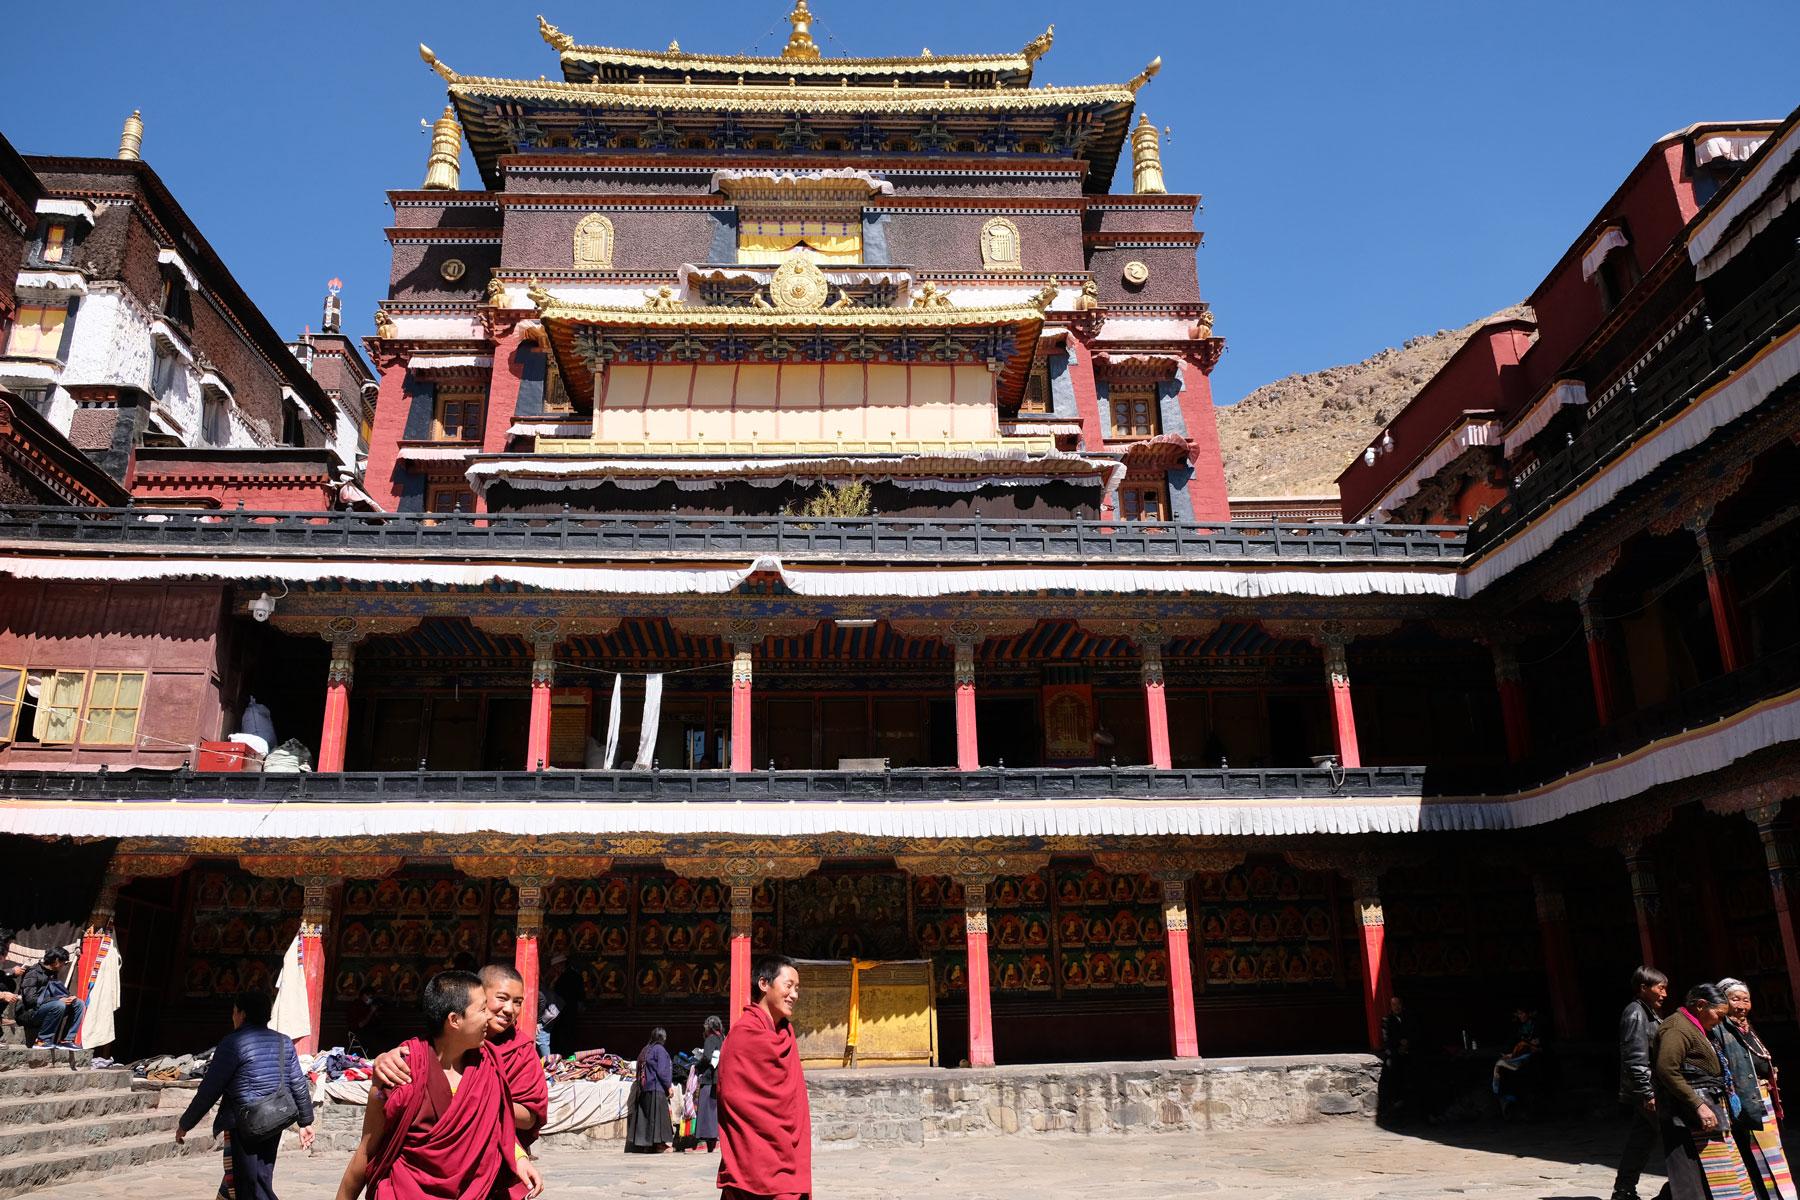 Drei Mönche laufen lachend über den Hof vor dem Haupthaus des Kloster Tashilunpo in Tibet.